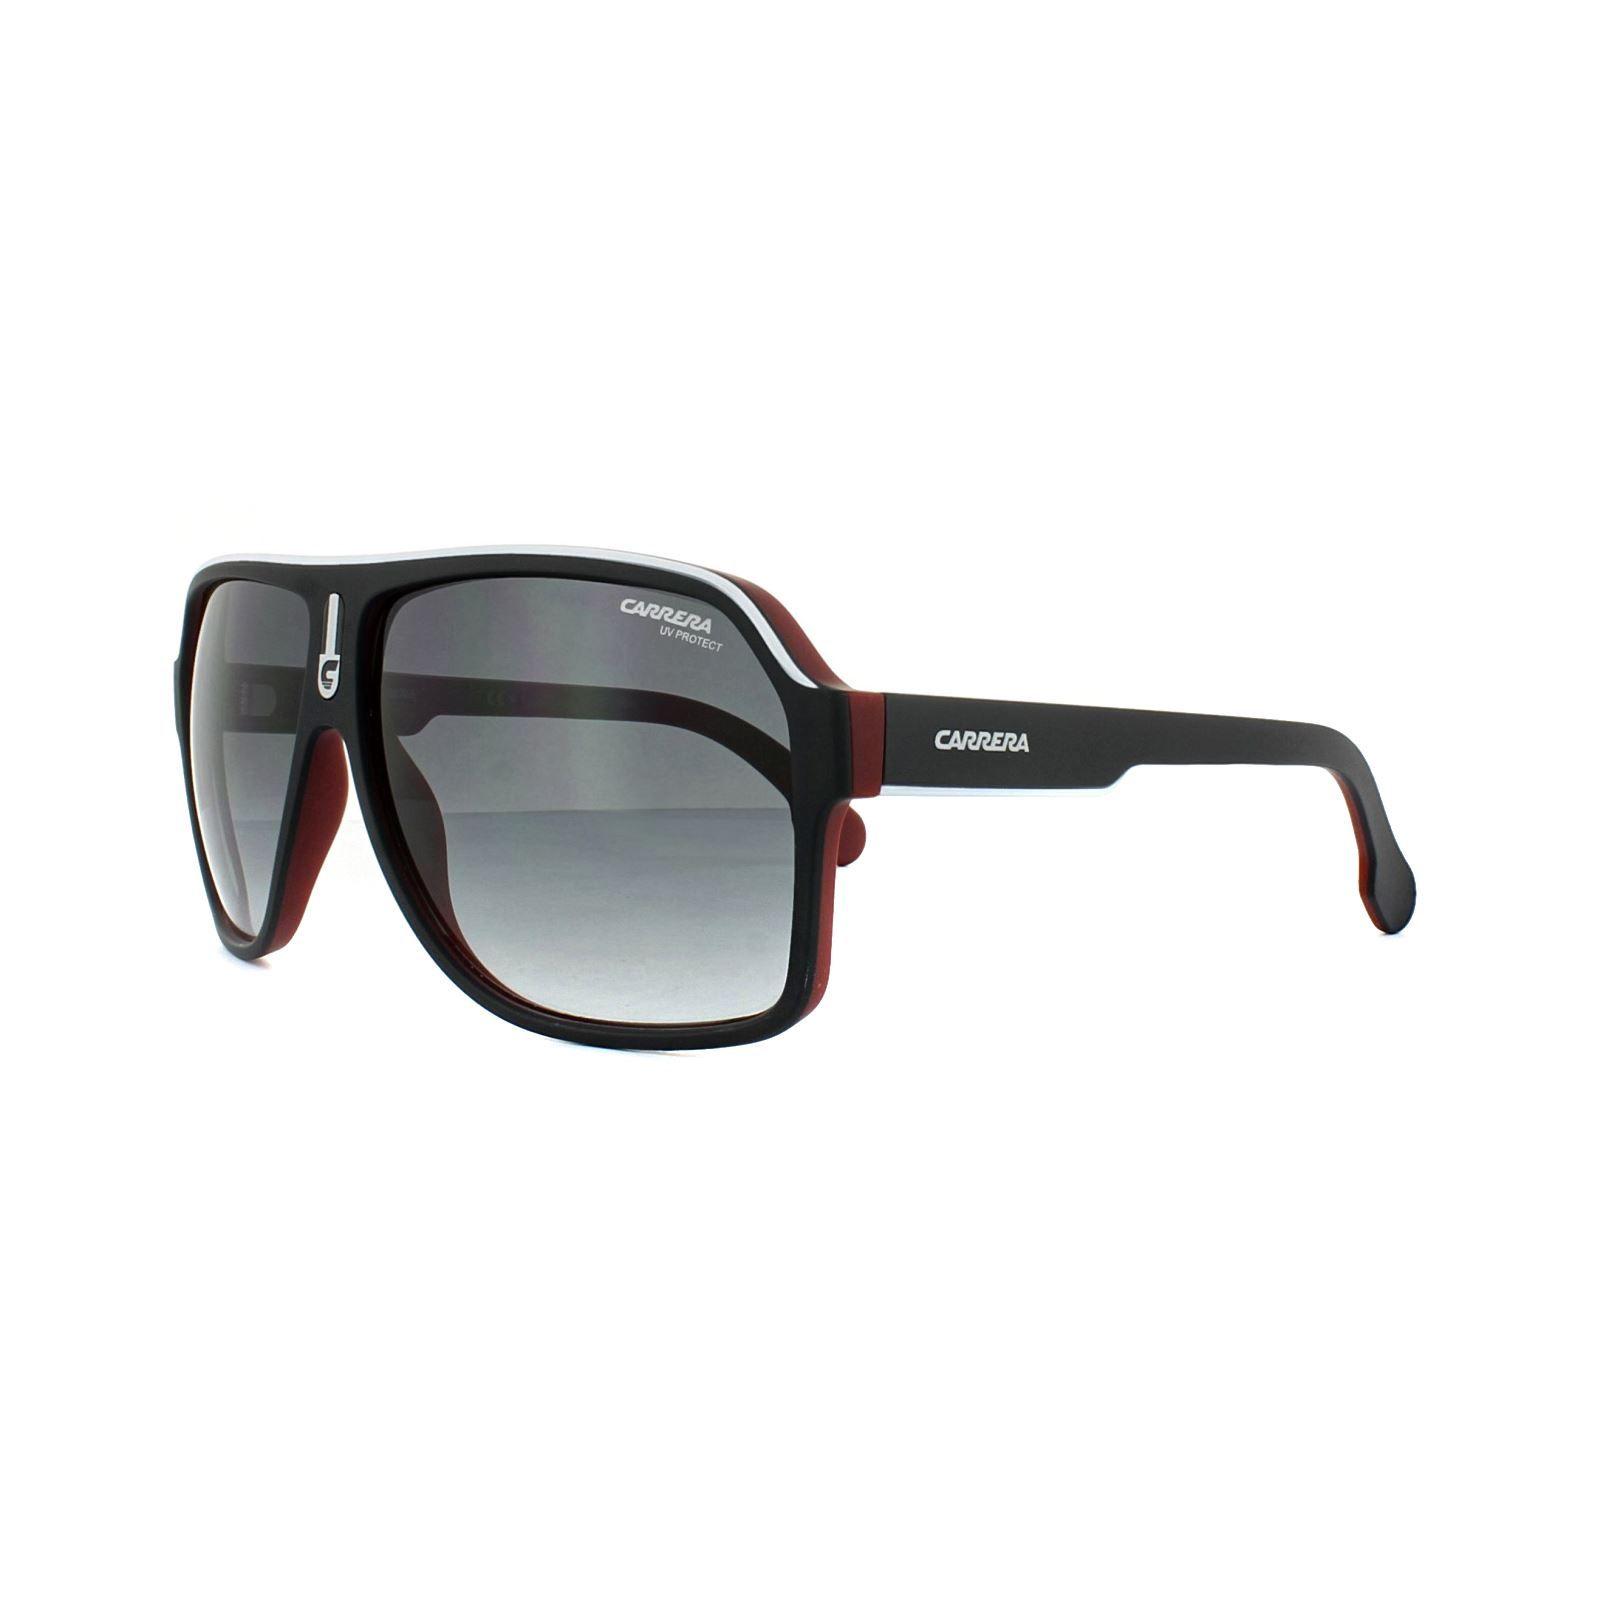 Carrera Sunglasses 1001/S BLX 9O Black White Red Dark Grey Gradient